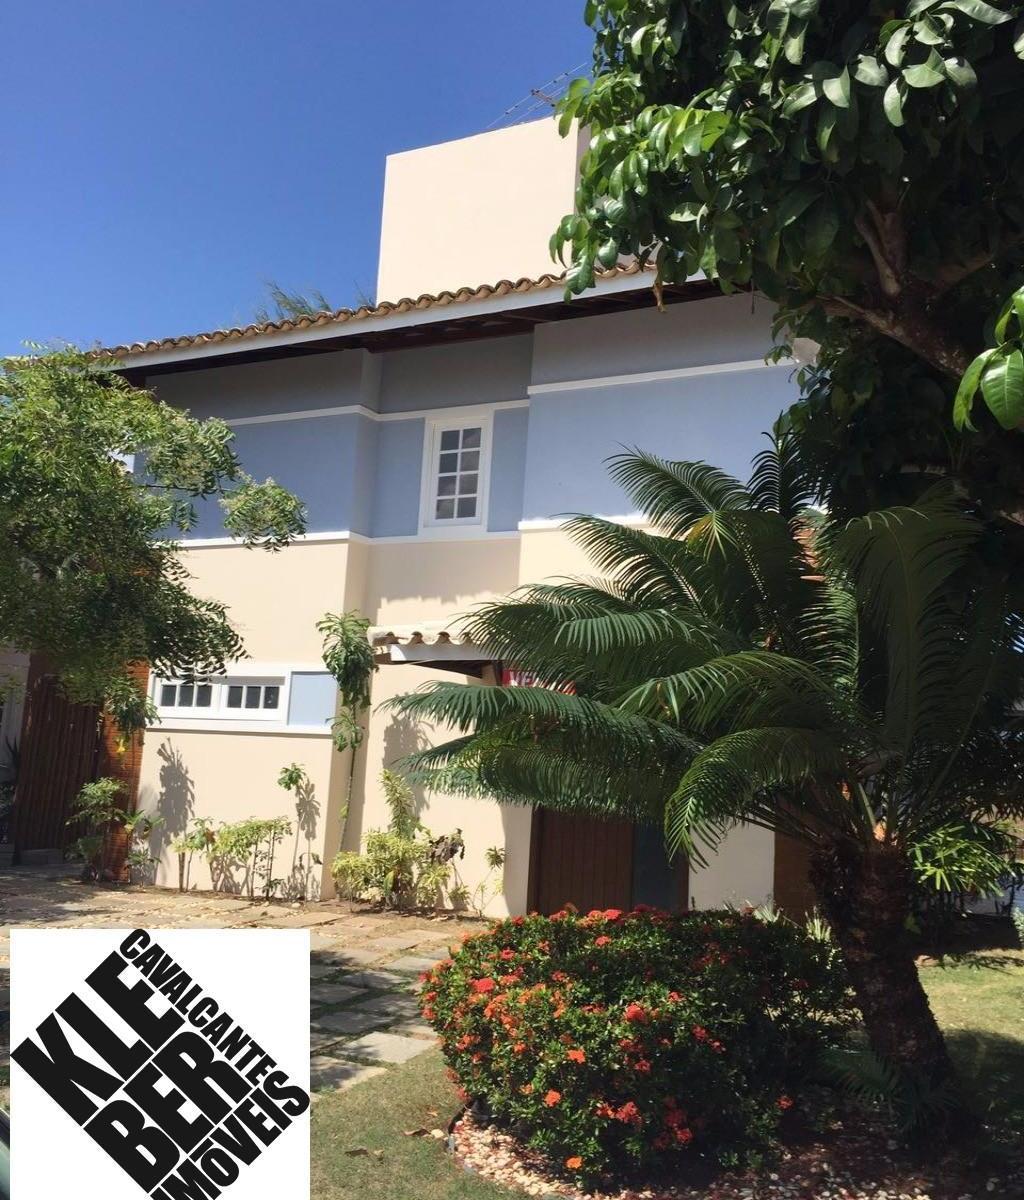 Imagens de #966E35 Casa para aluguel com 3 Quartos Itapuã Salvador R$ 3.000 200 m2  1024x1200 px 3526 Blindex Banheiro Salvador